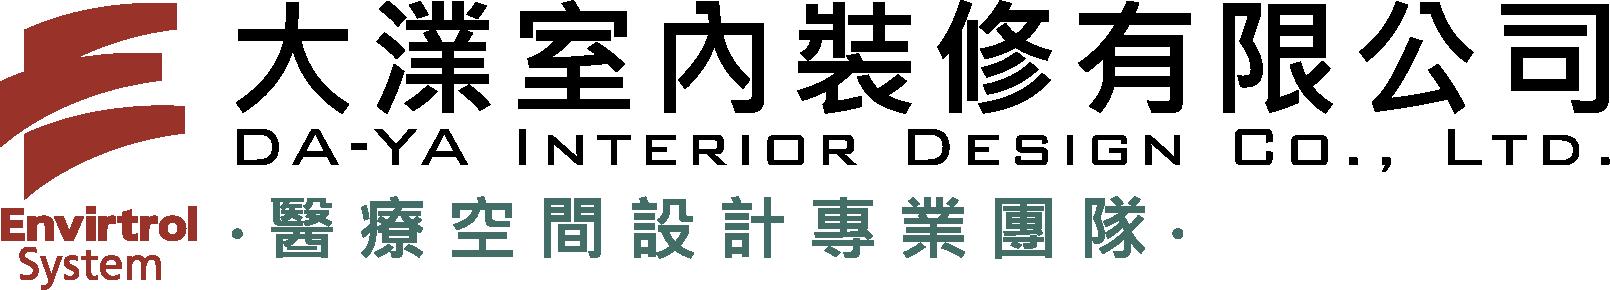 daya-logo-finel